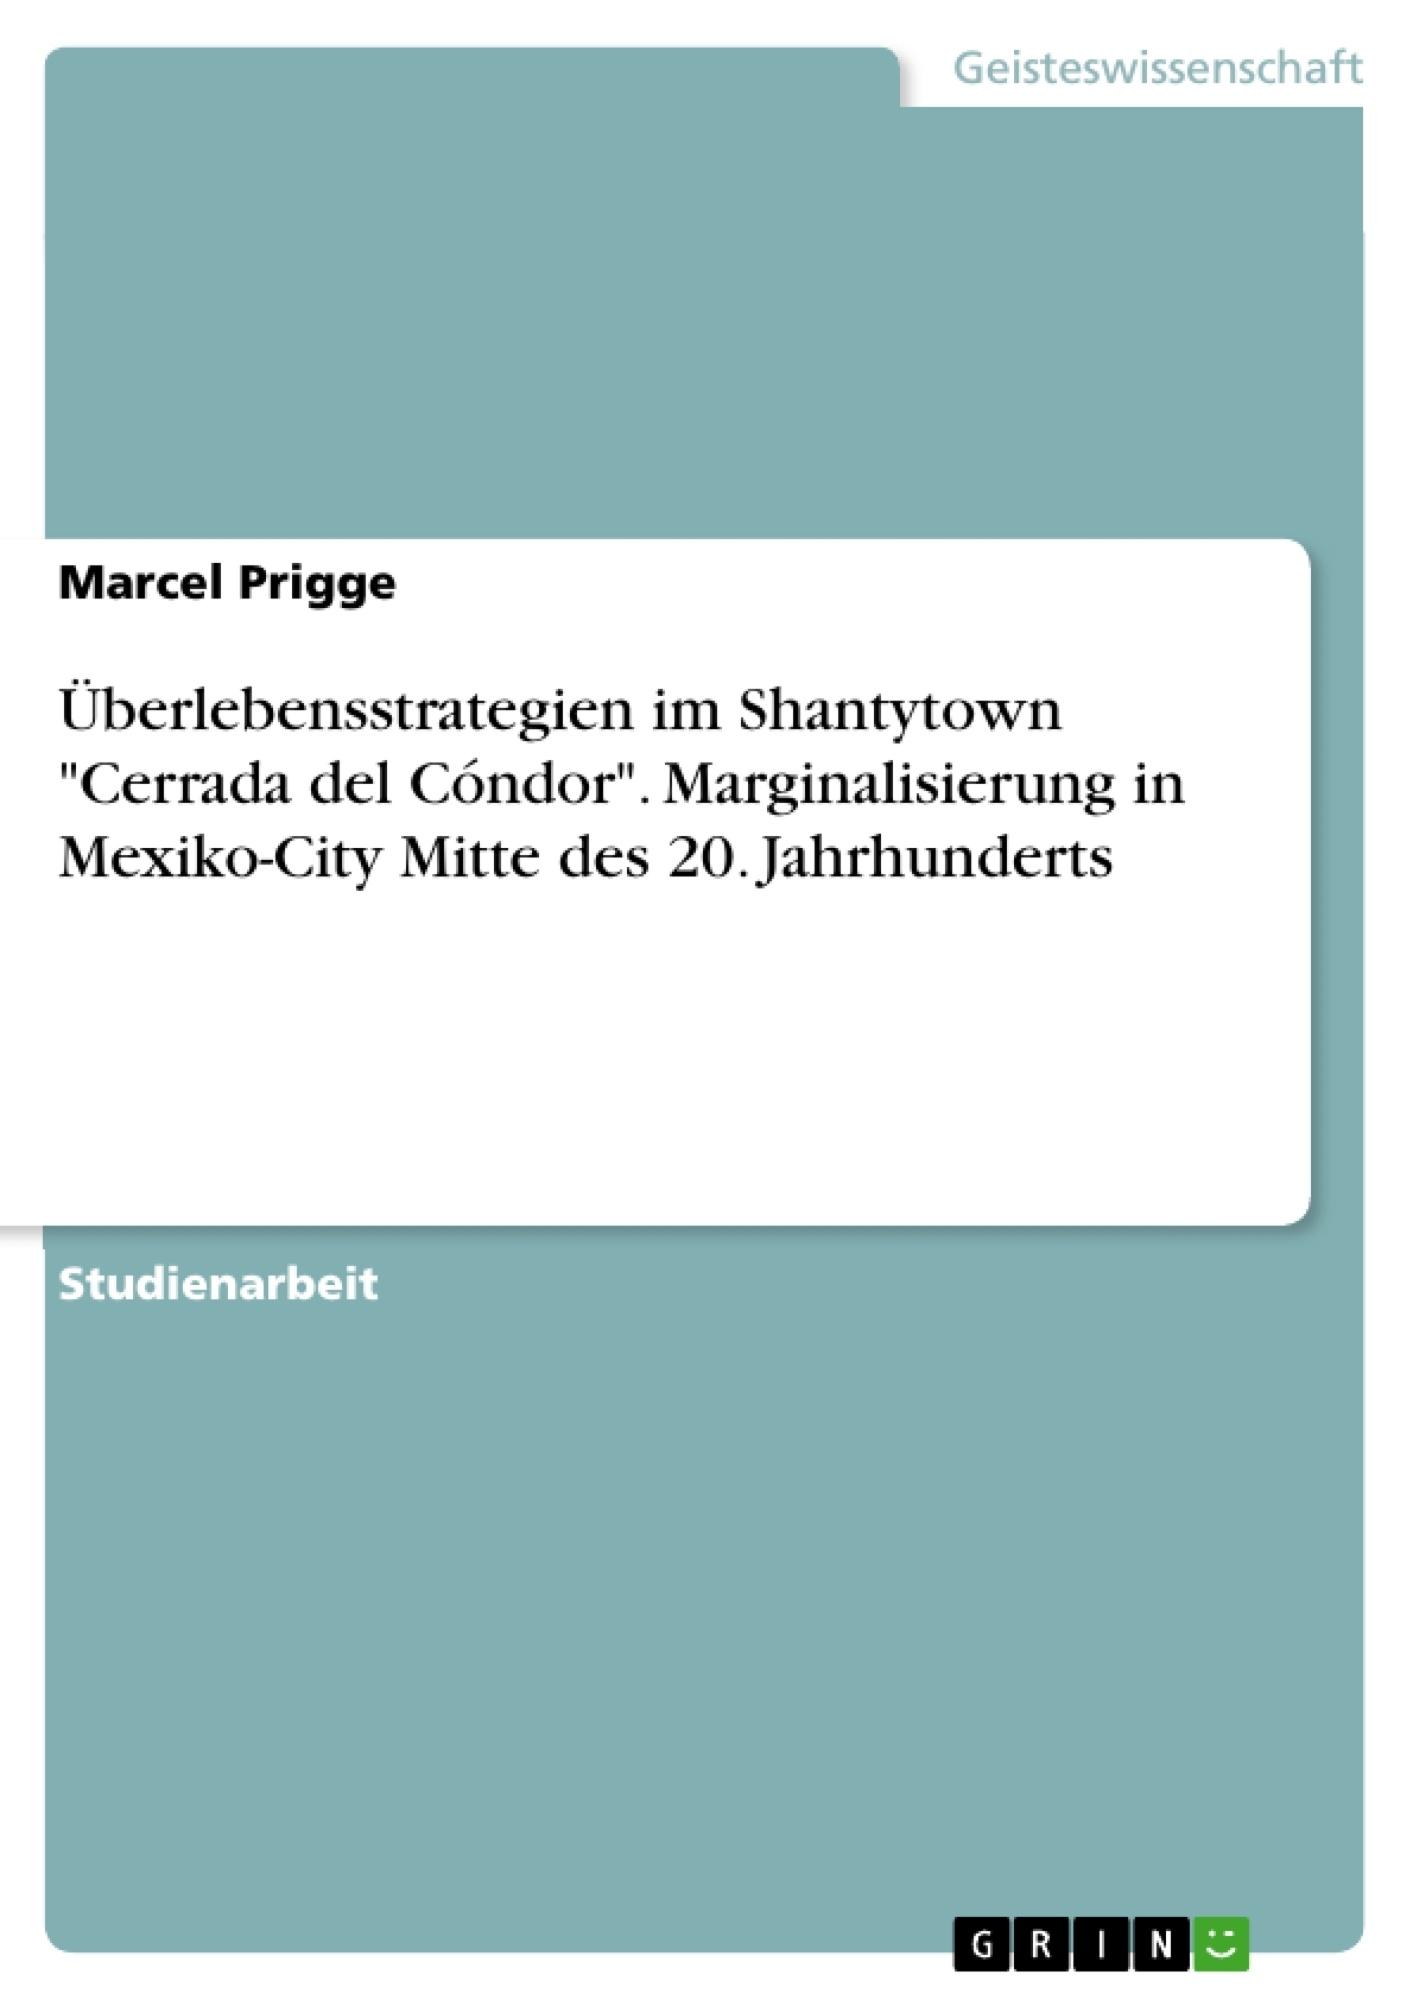 """Titel: Überlebensstrategien im Shantytown """"Cerrada del Cóndor"""". Marginalisierung in Mexiko-City Mitte des 20. Jahrhunderts"""